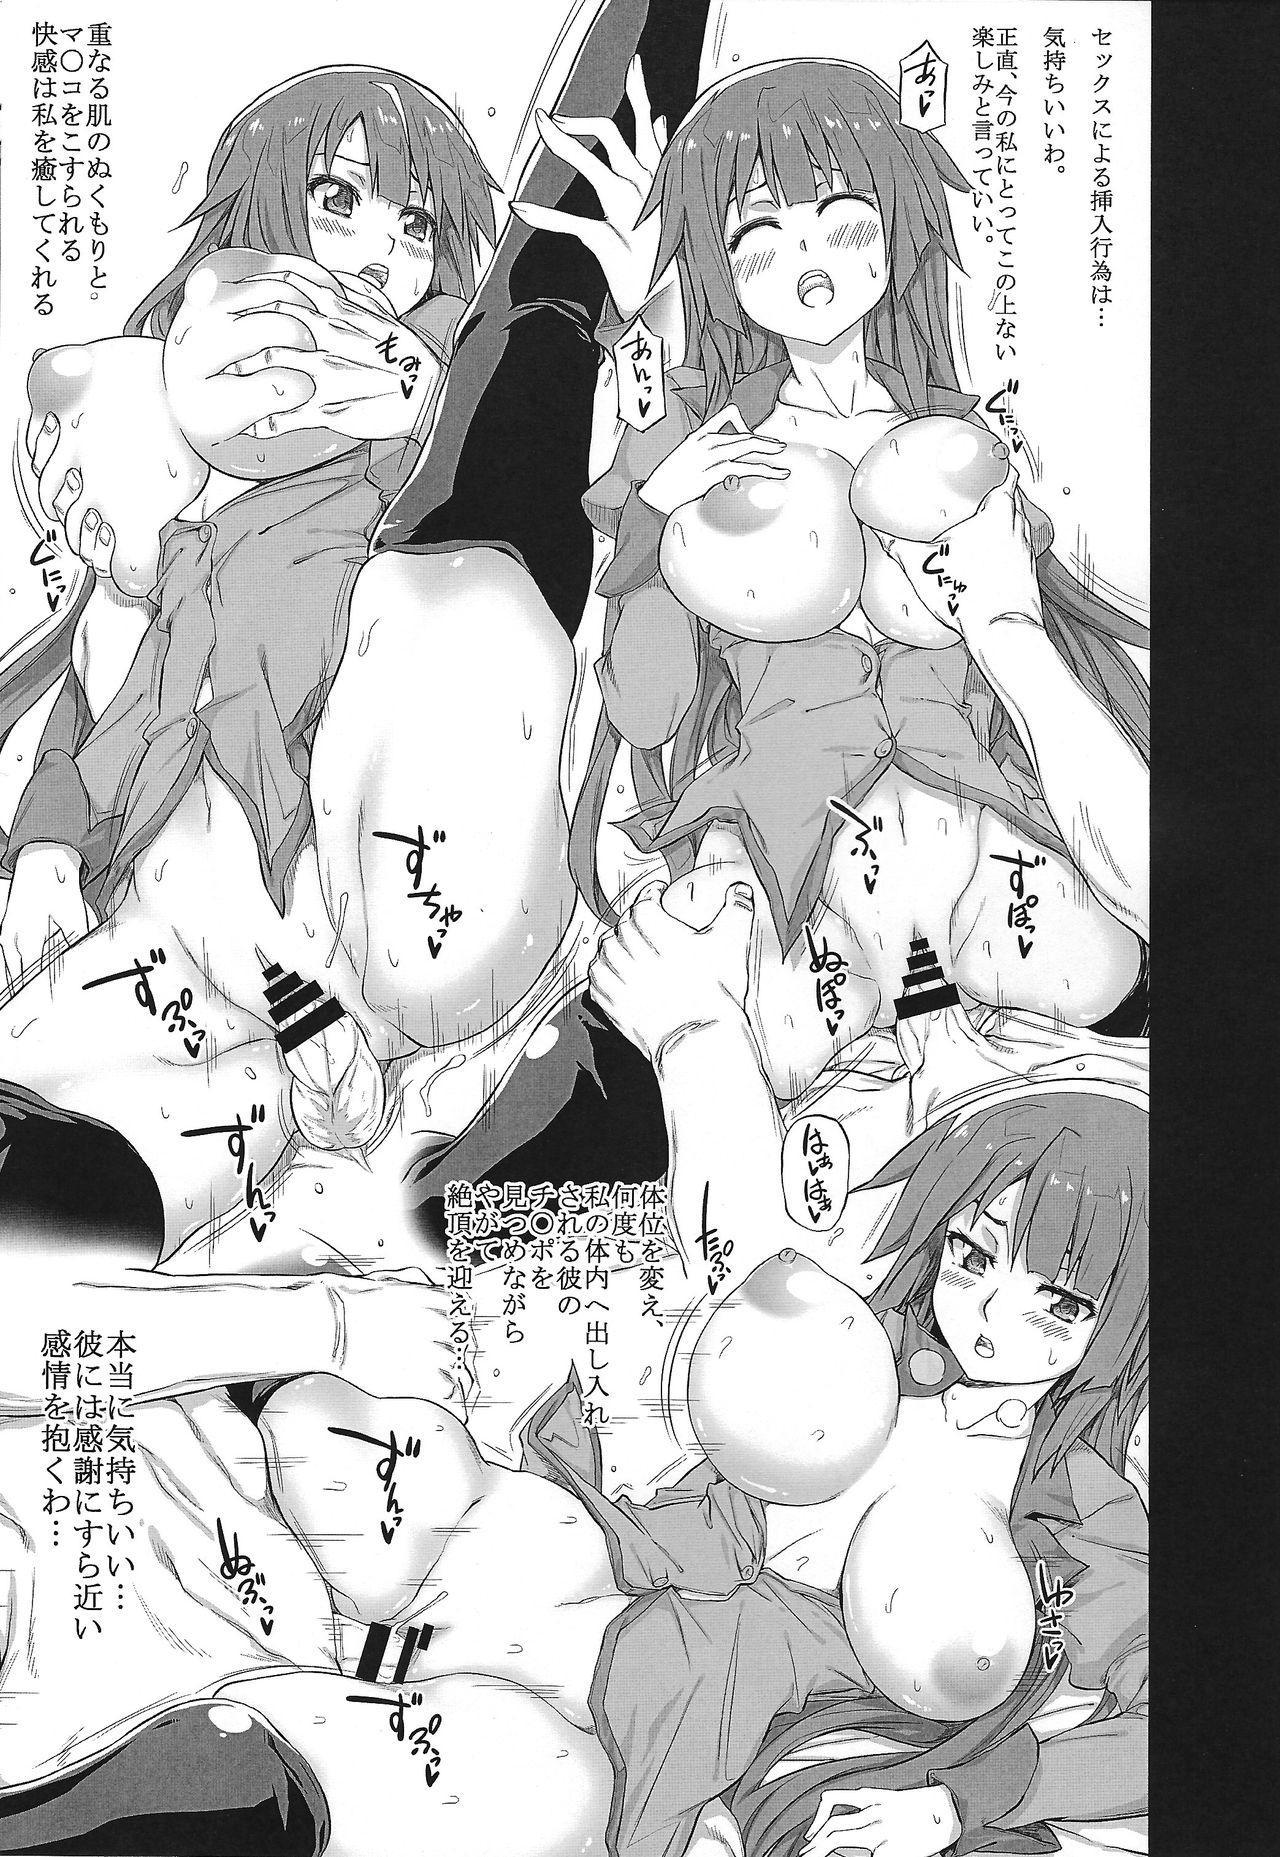 Nichiyou x Doujin 3